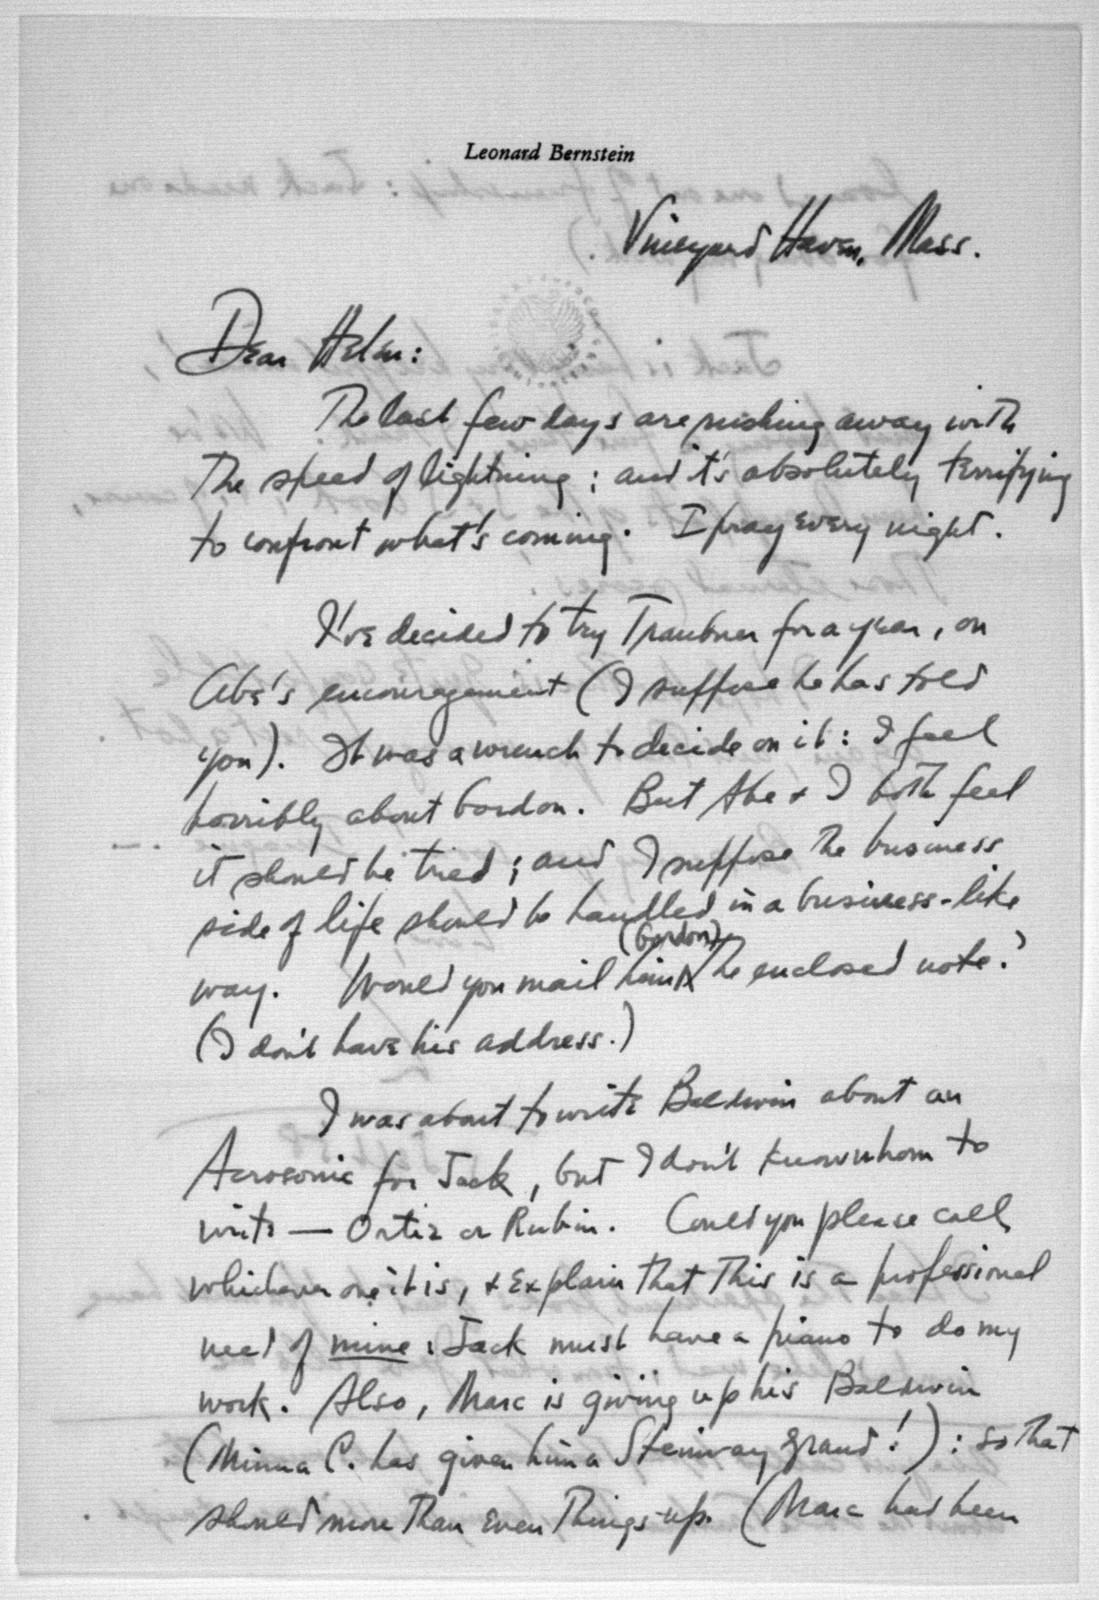 Letter from Leonard Bernstein to Helen Coates, September 5, 1958